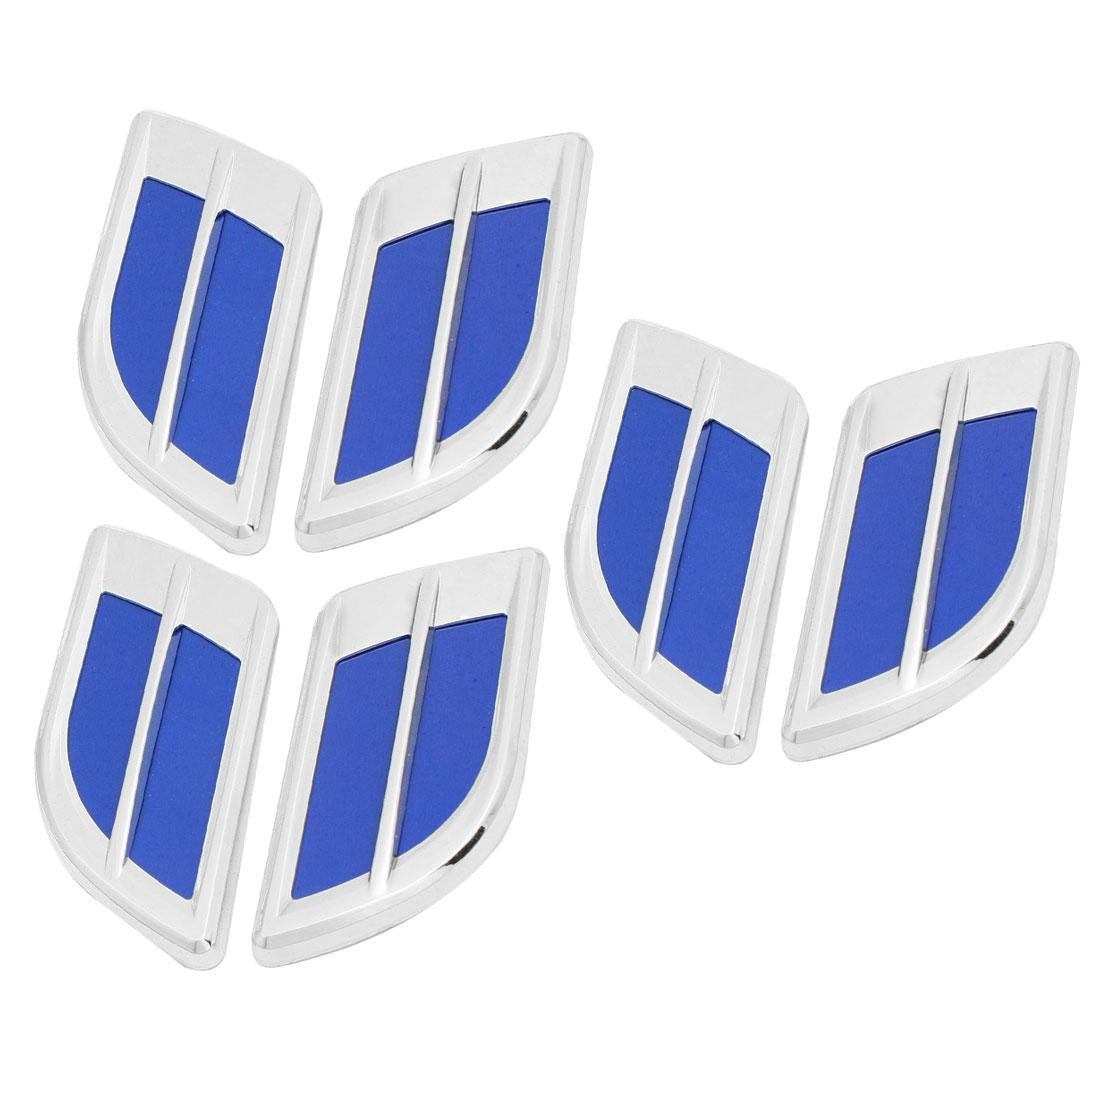 6 Pcs Silver Tone Blue Plastic Car Air Flow Vent Fender Sticker